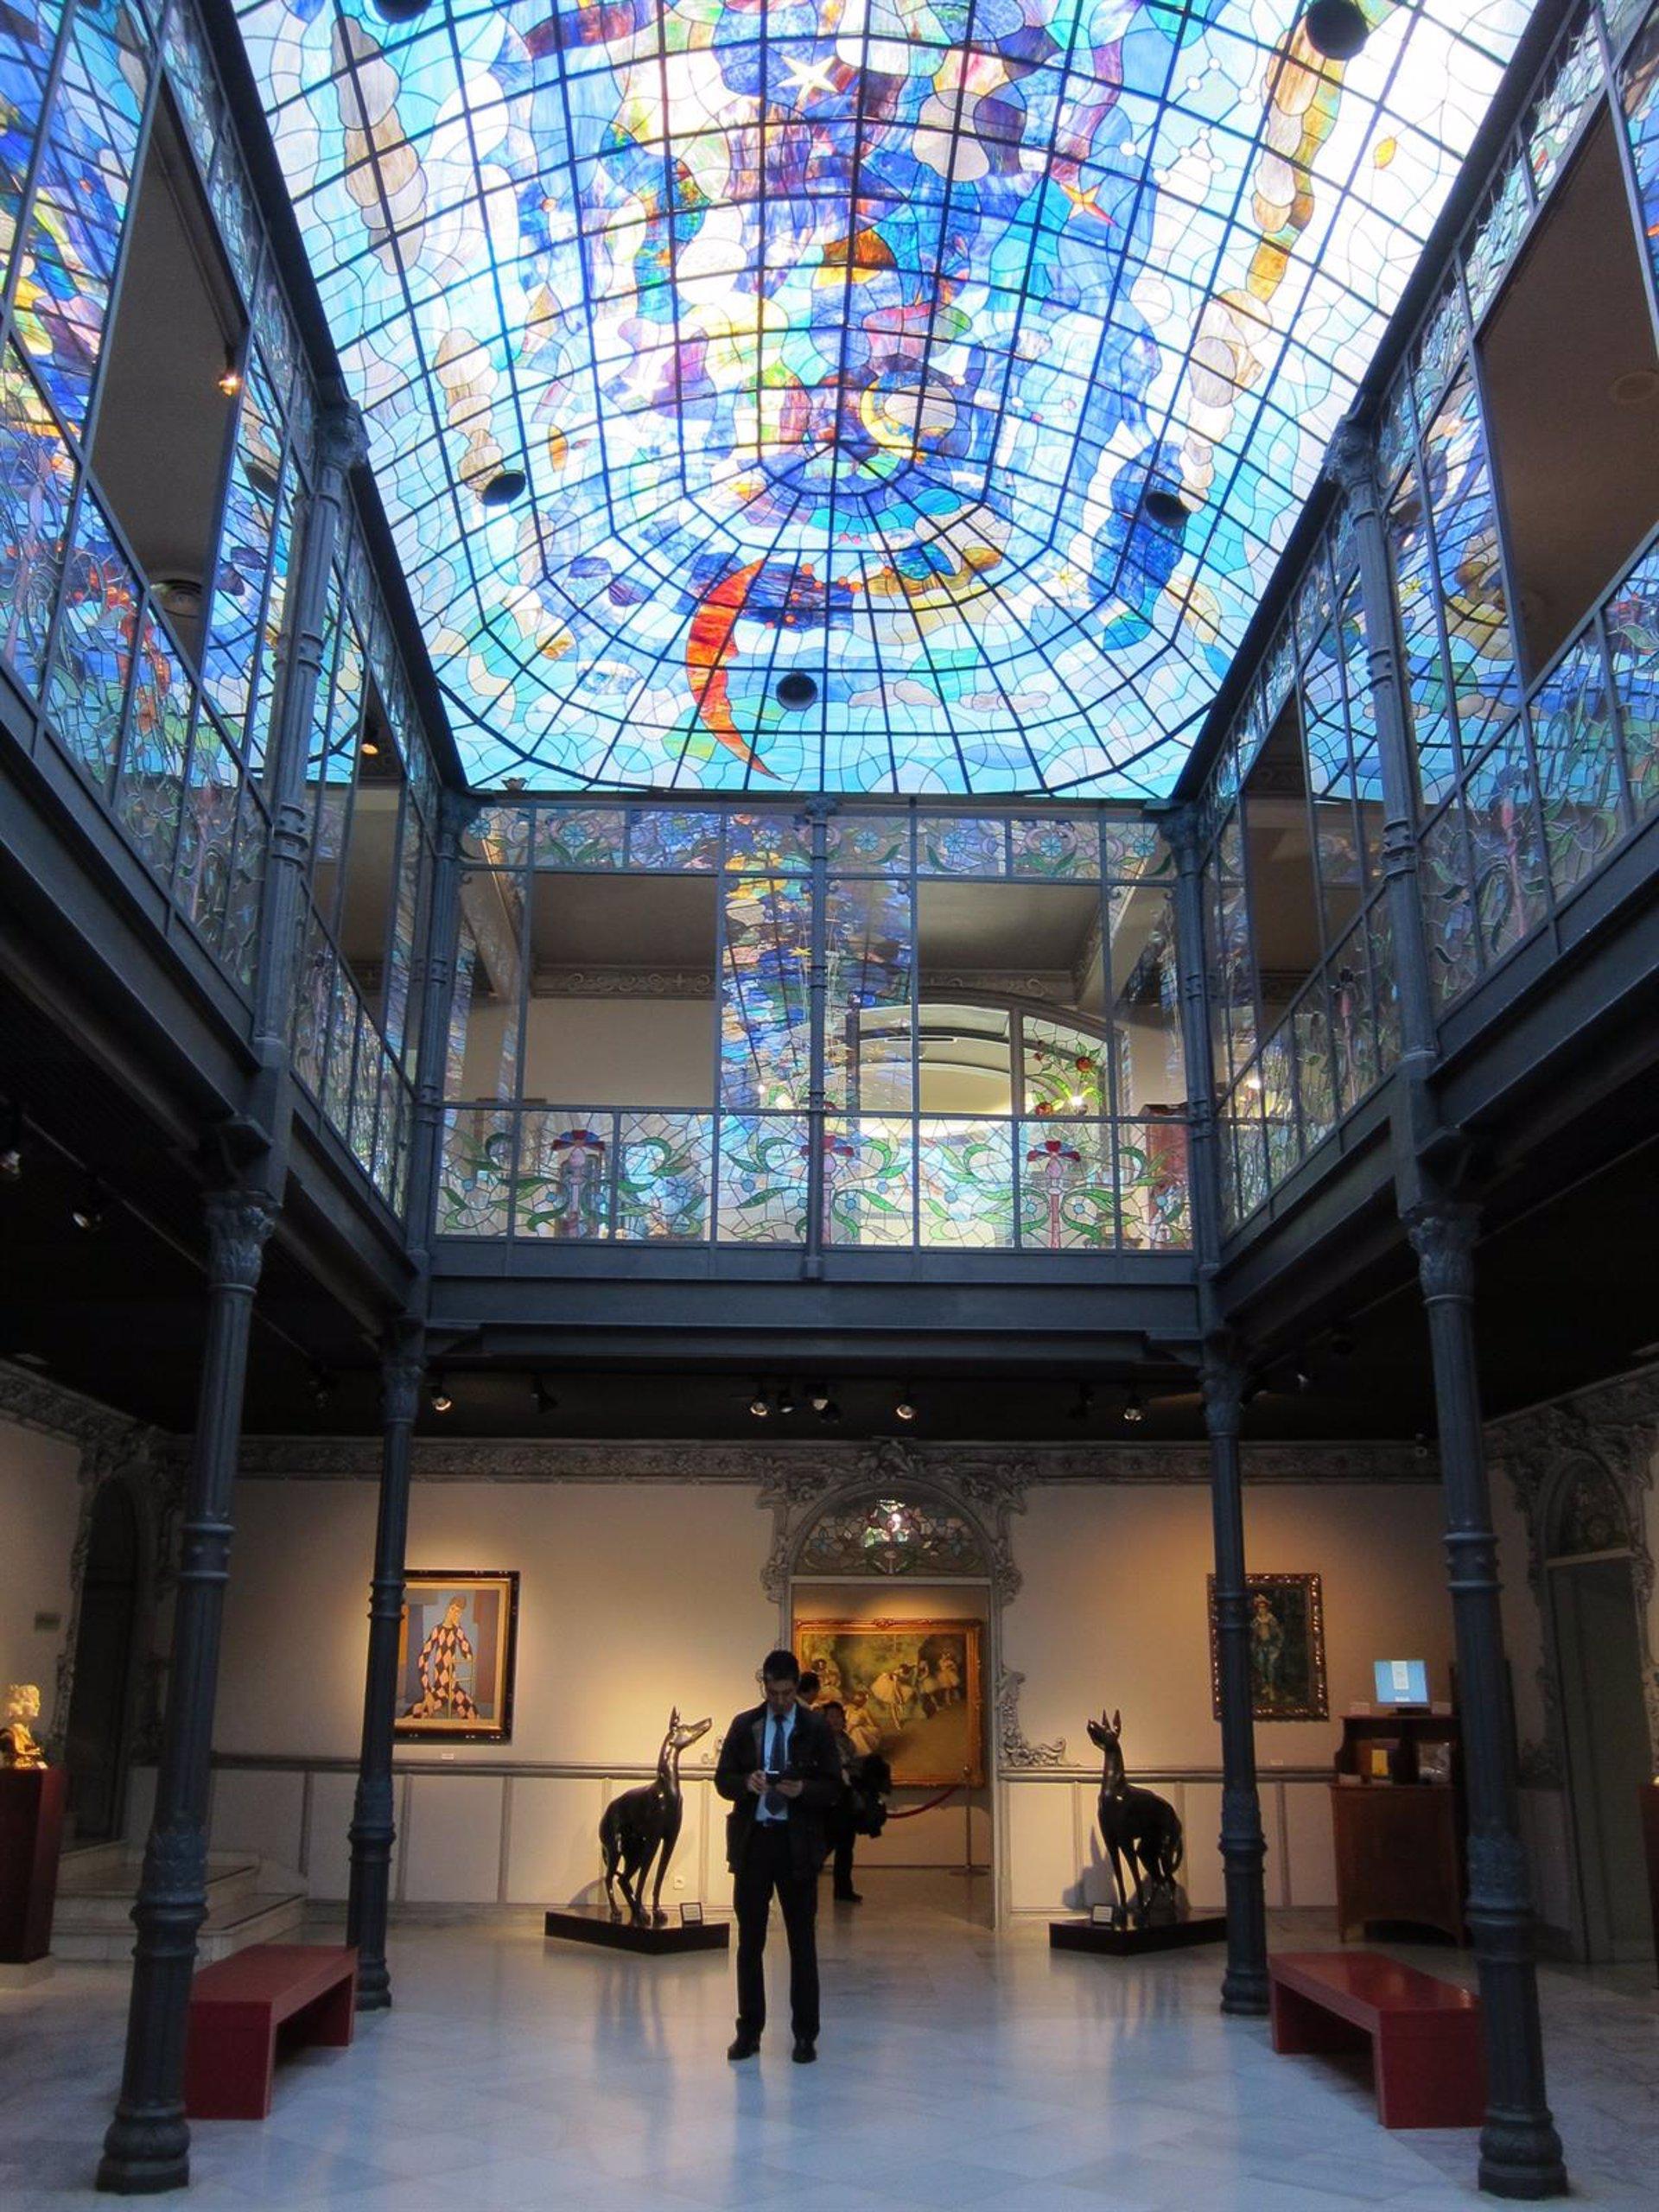 El museo de la casa lis de salamanca ampl a su horario - La casa lis de salamanca ...